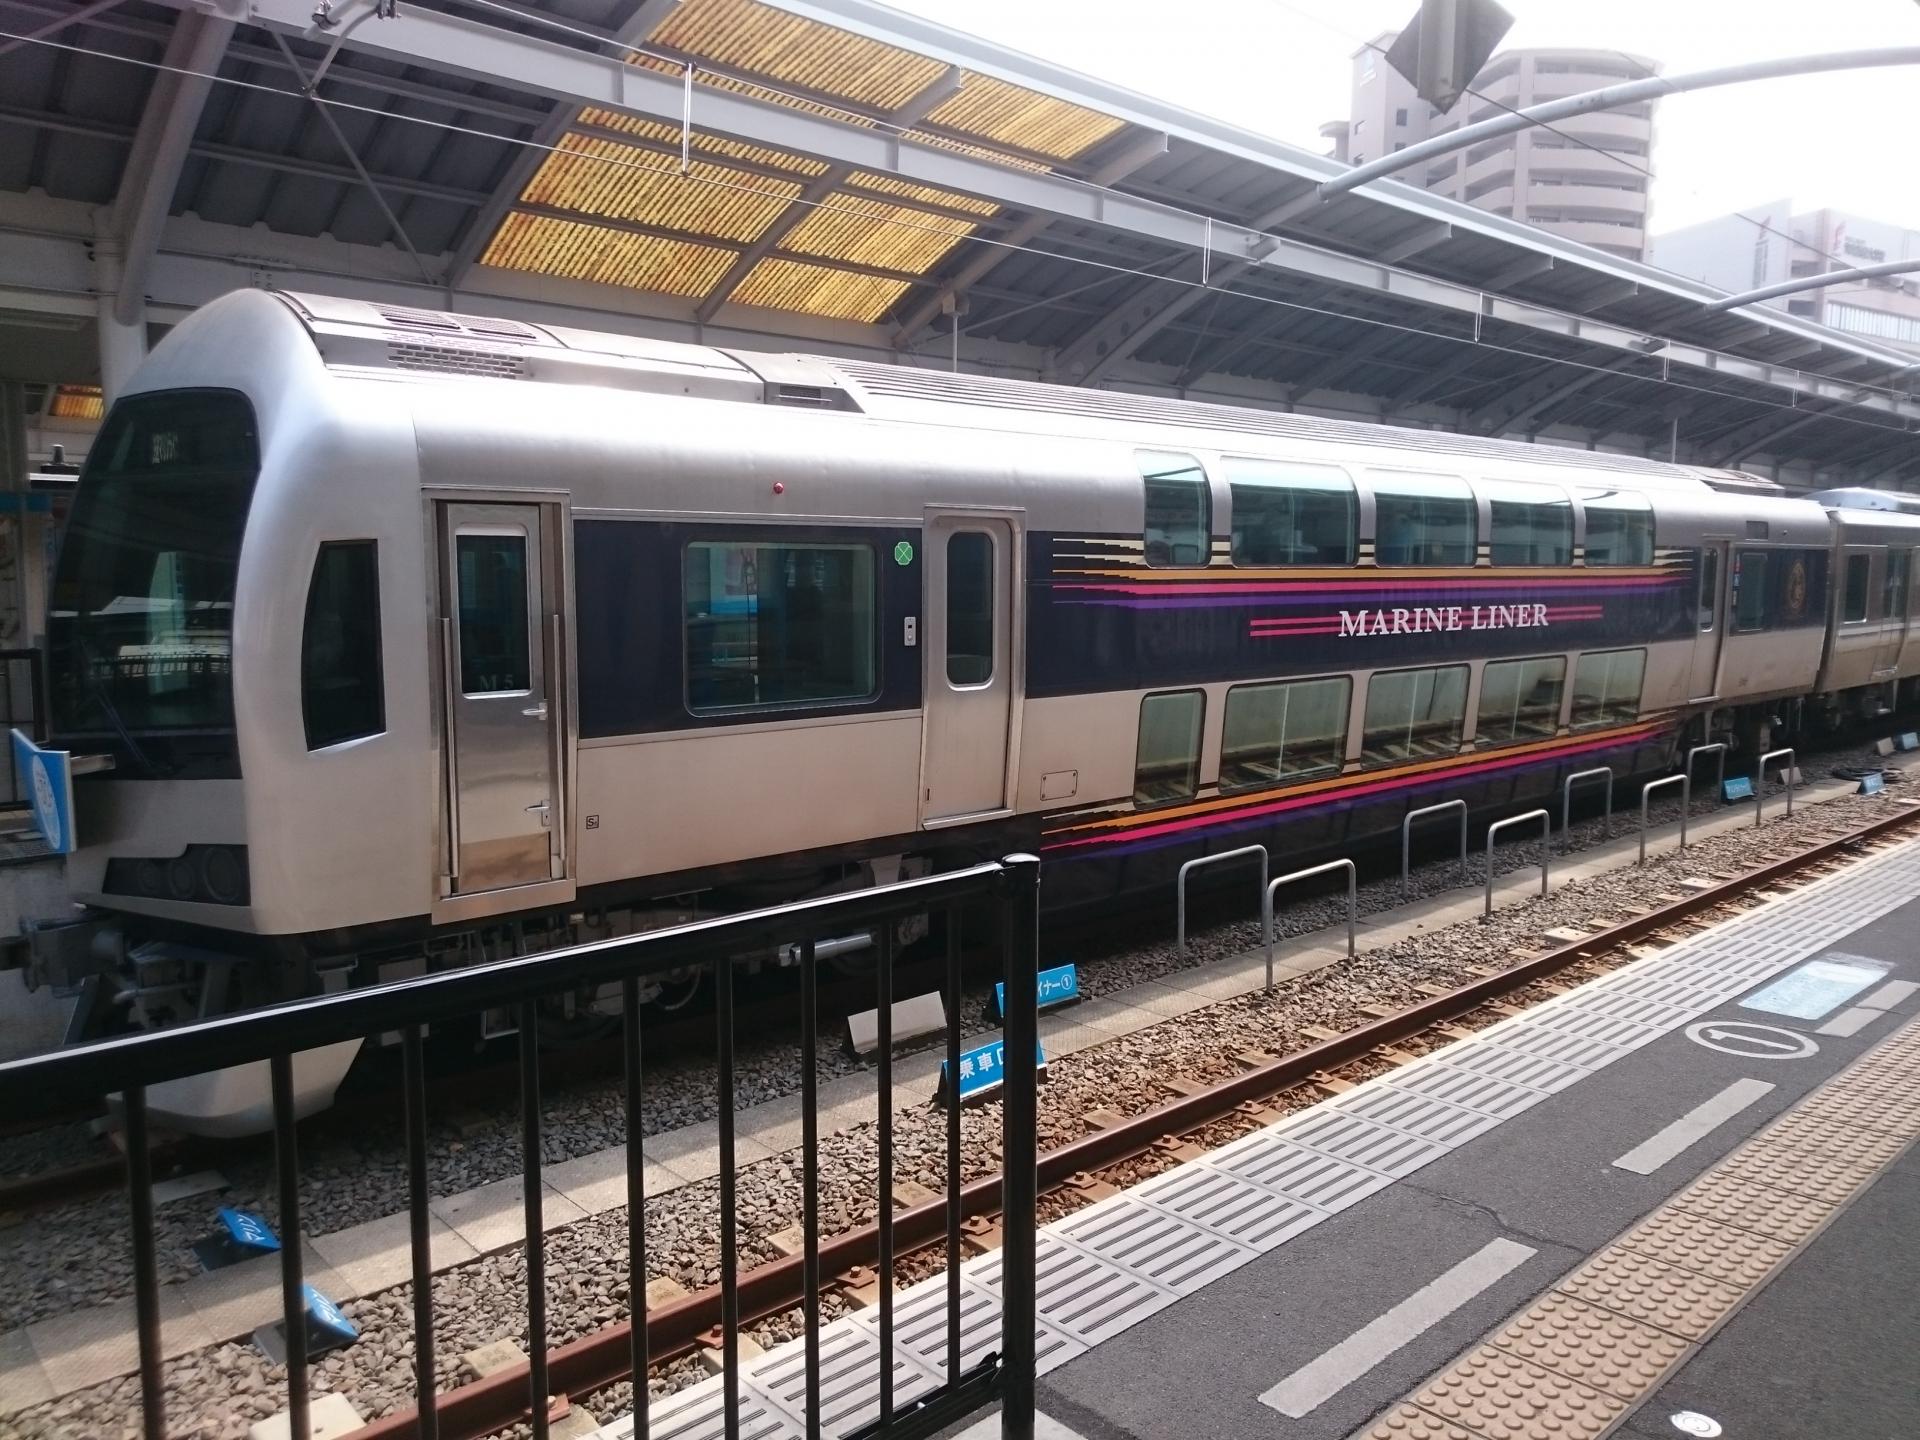 瀬戸大橋線快速「マリンライナー」